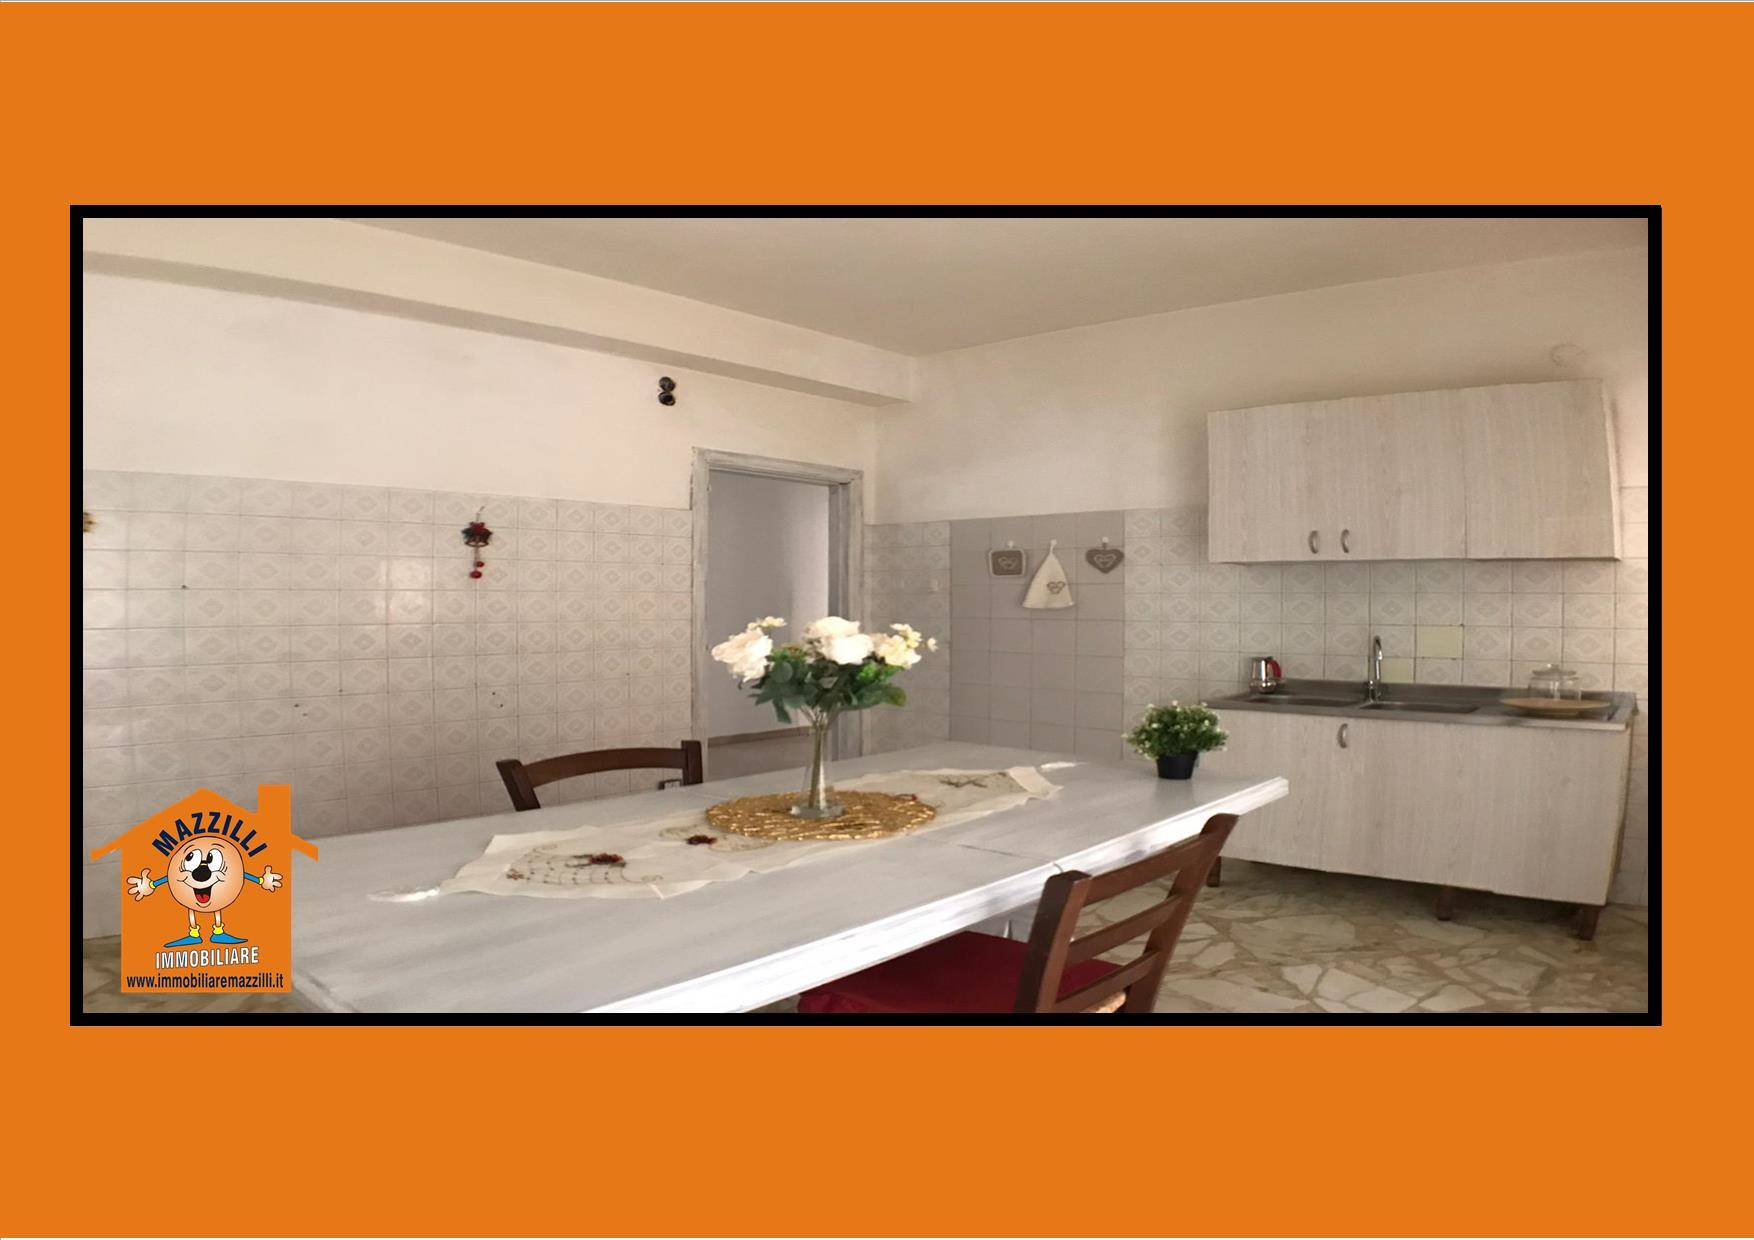 Appartamento in vendita a Potenza, 5 locali, zona Zona: Semicentro, prezzo € 147.000 | CambioCasa.it